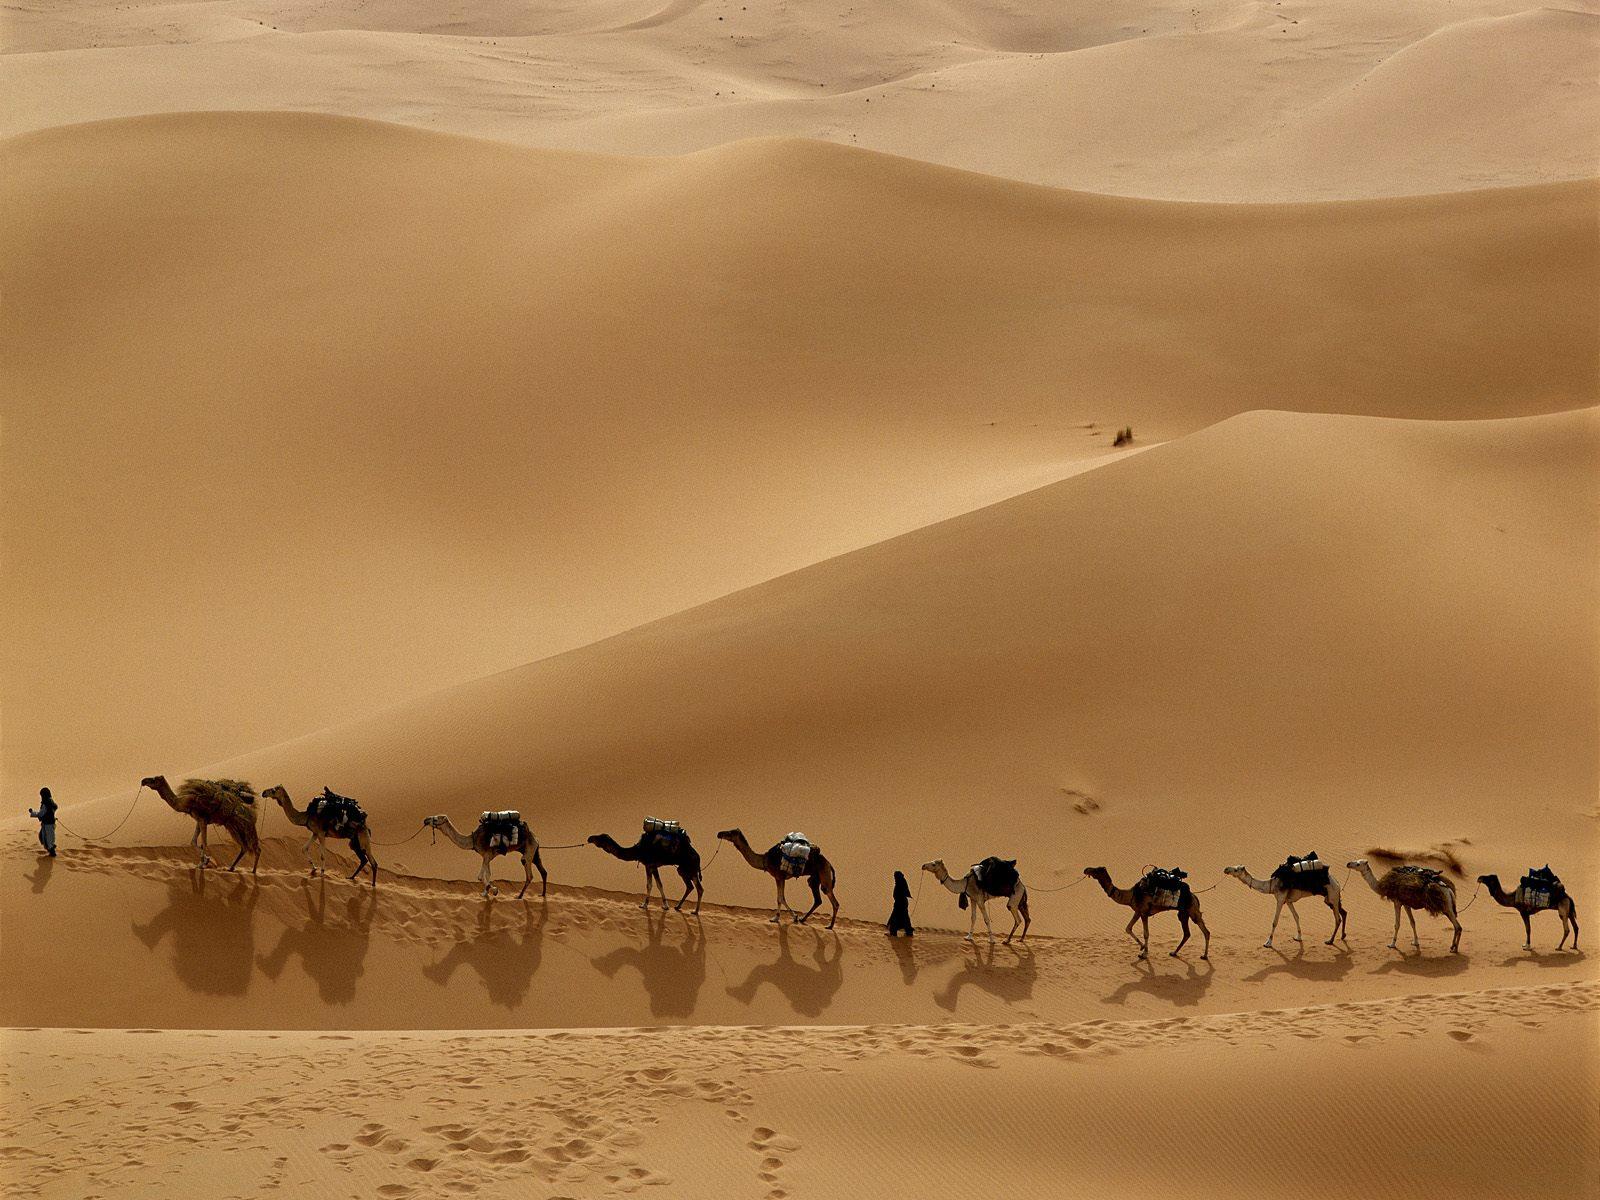 Sezione - Tara & simili > - Pagina 6 Carovana+di+cammelli+nel+deserto